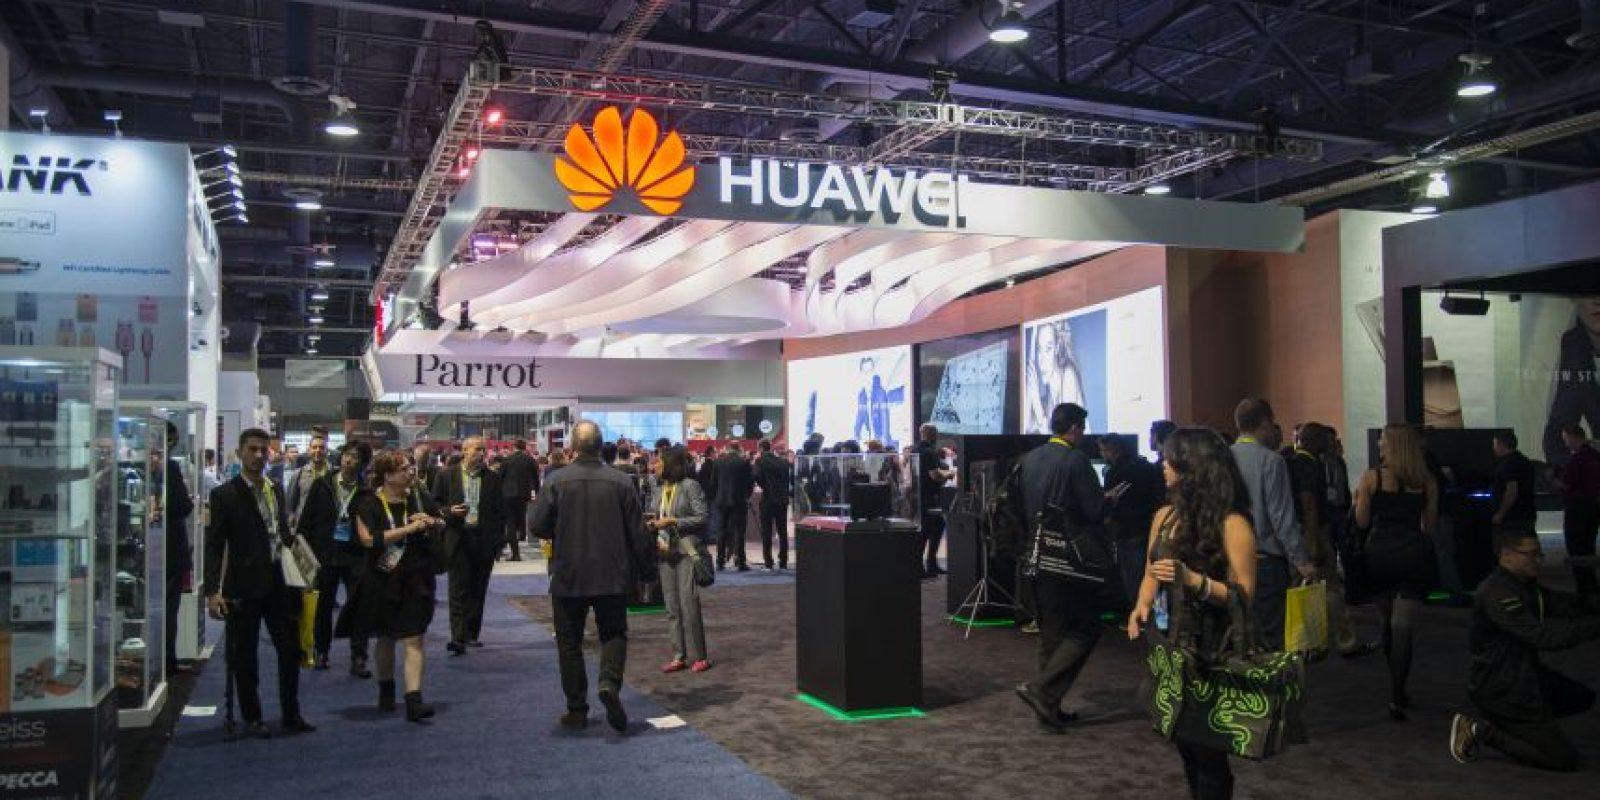 Huawei participó en el Consumer Electronic Show 2016 (CES) Foto:LUIS CARLOS NÁJERA